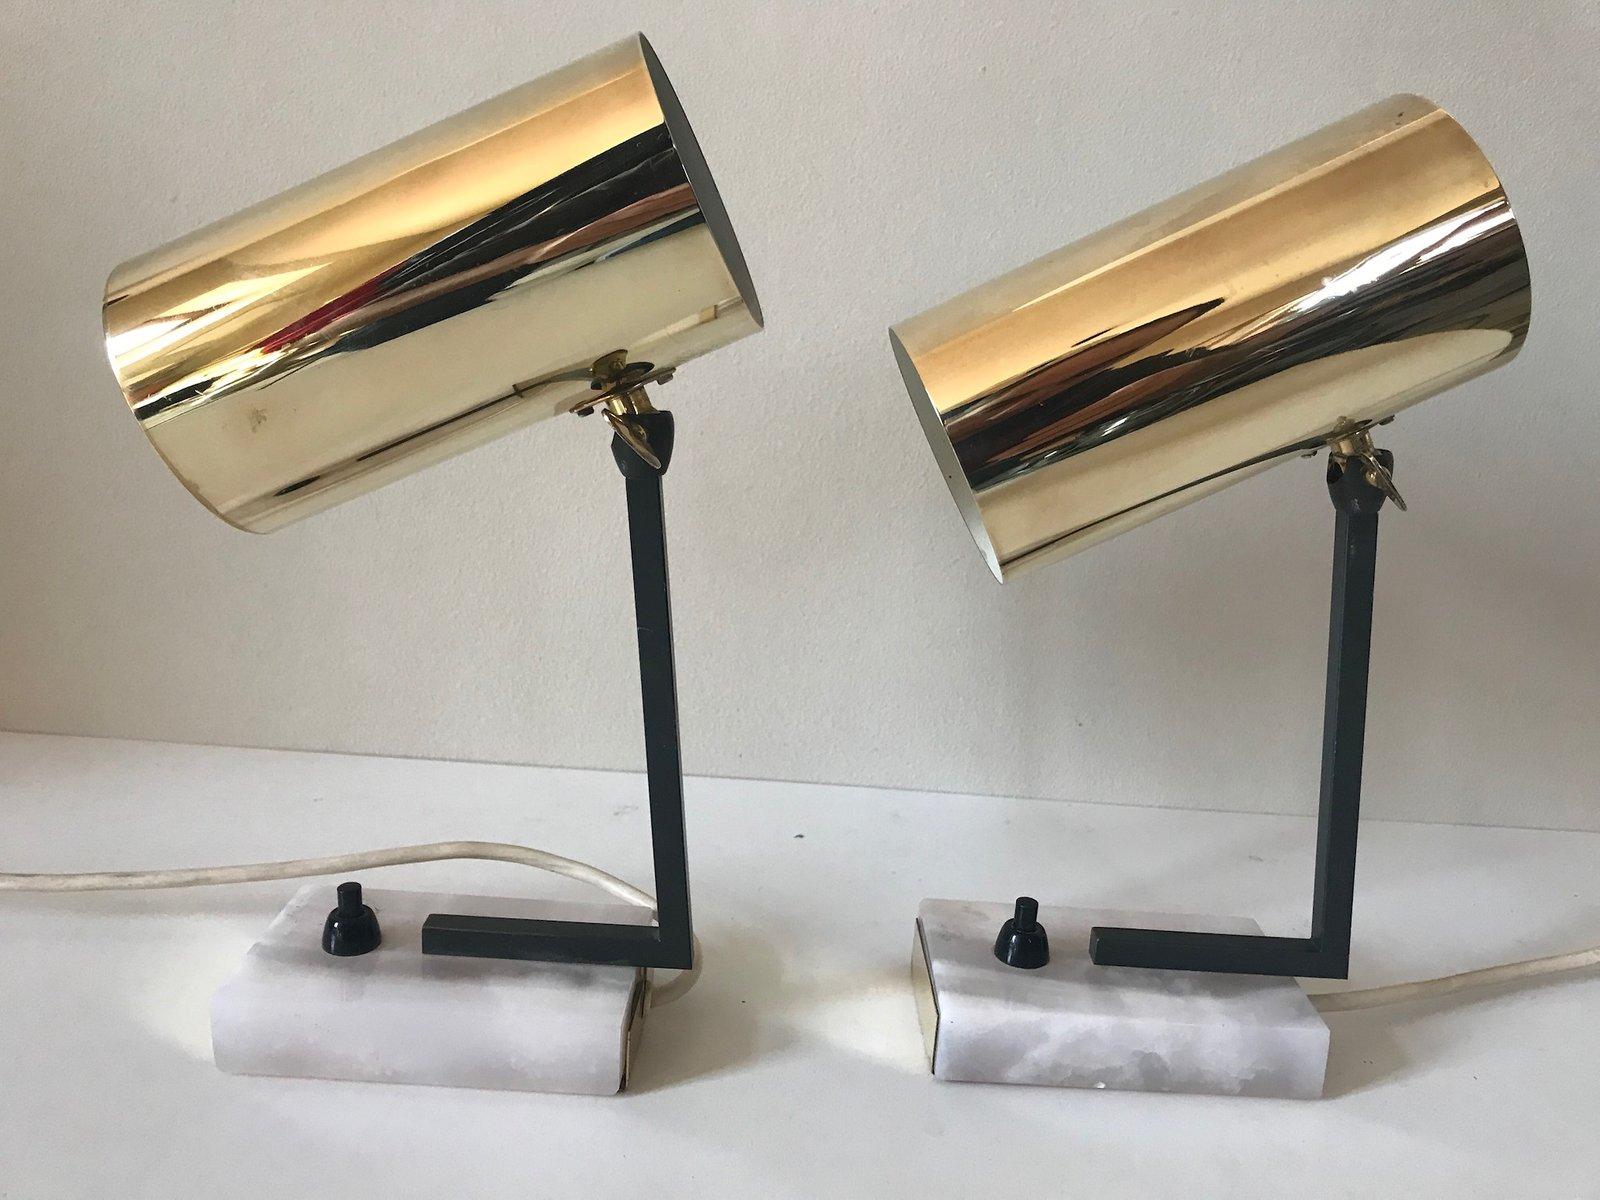 Vintage Tischlampen aus Messing, 1960er, 2er Set